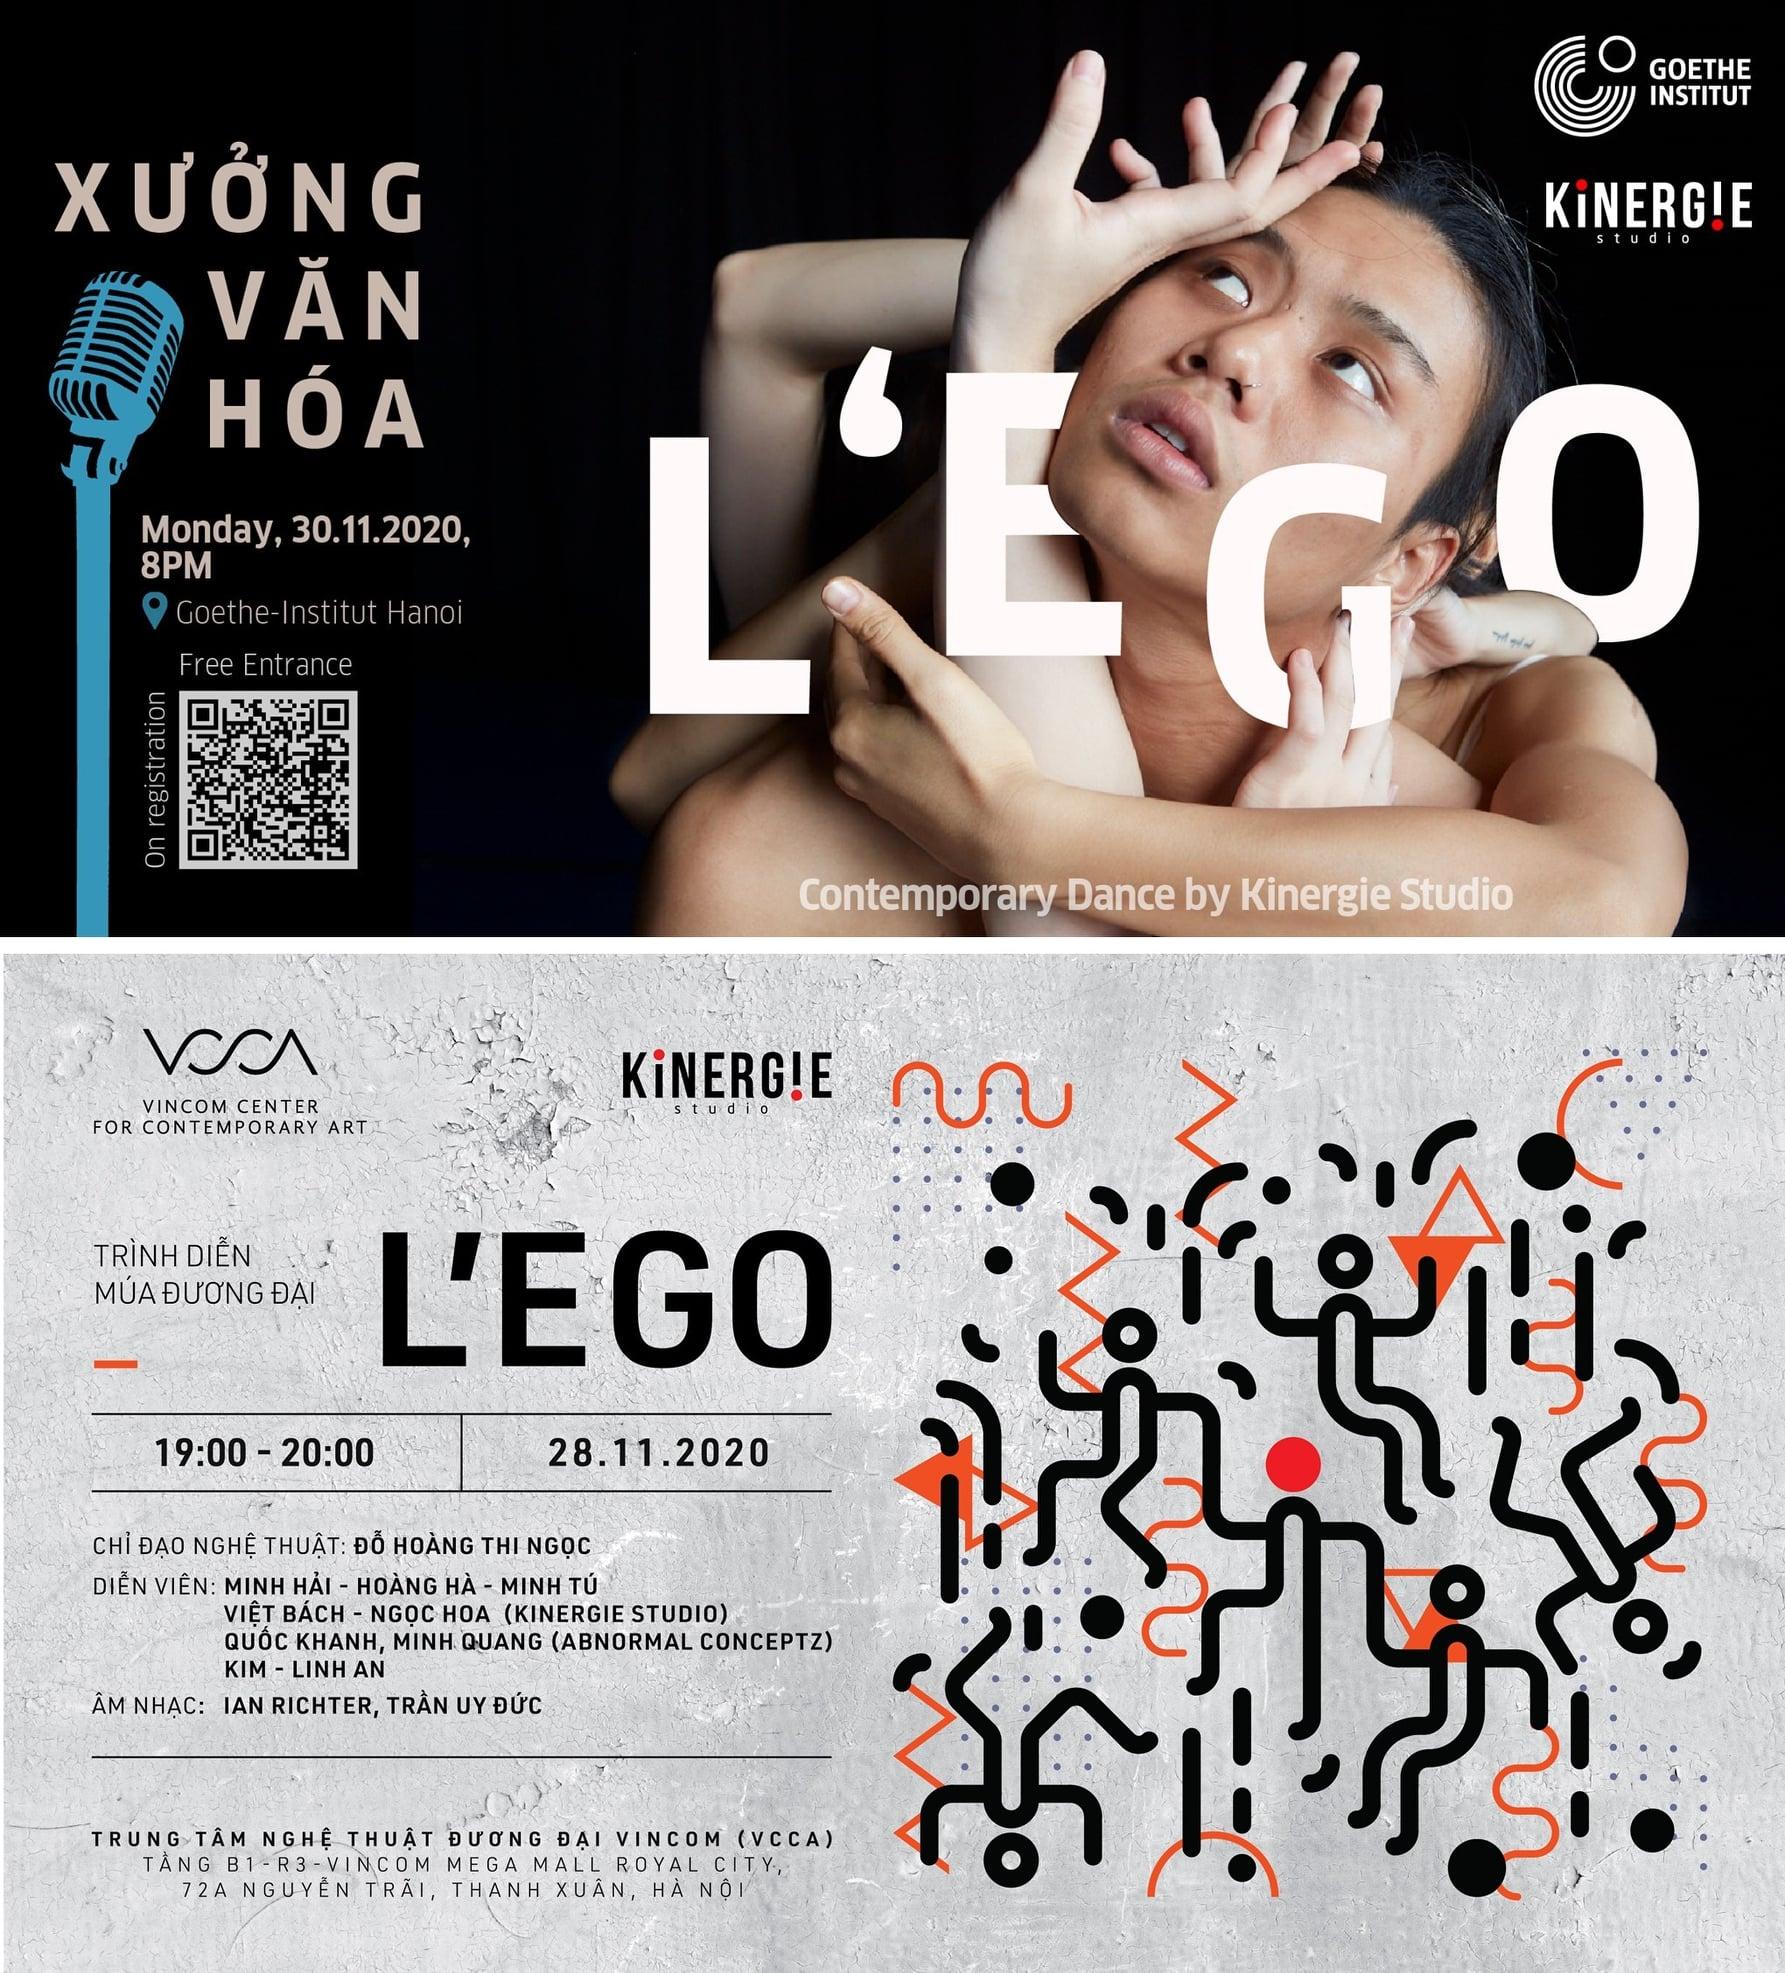 Kinergie.L'EGO - VCCA - Goethe Institut -11.20